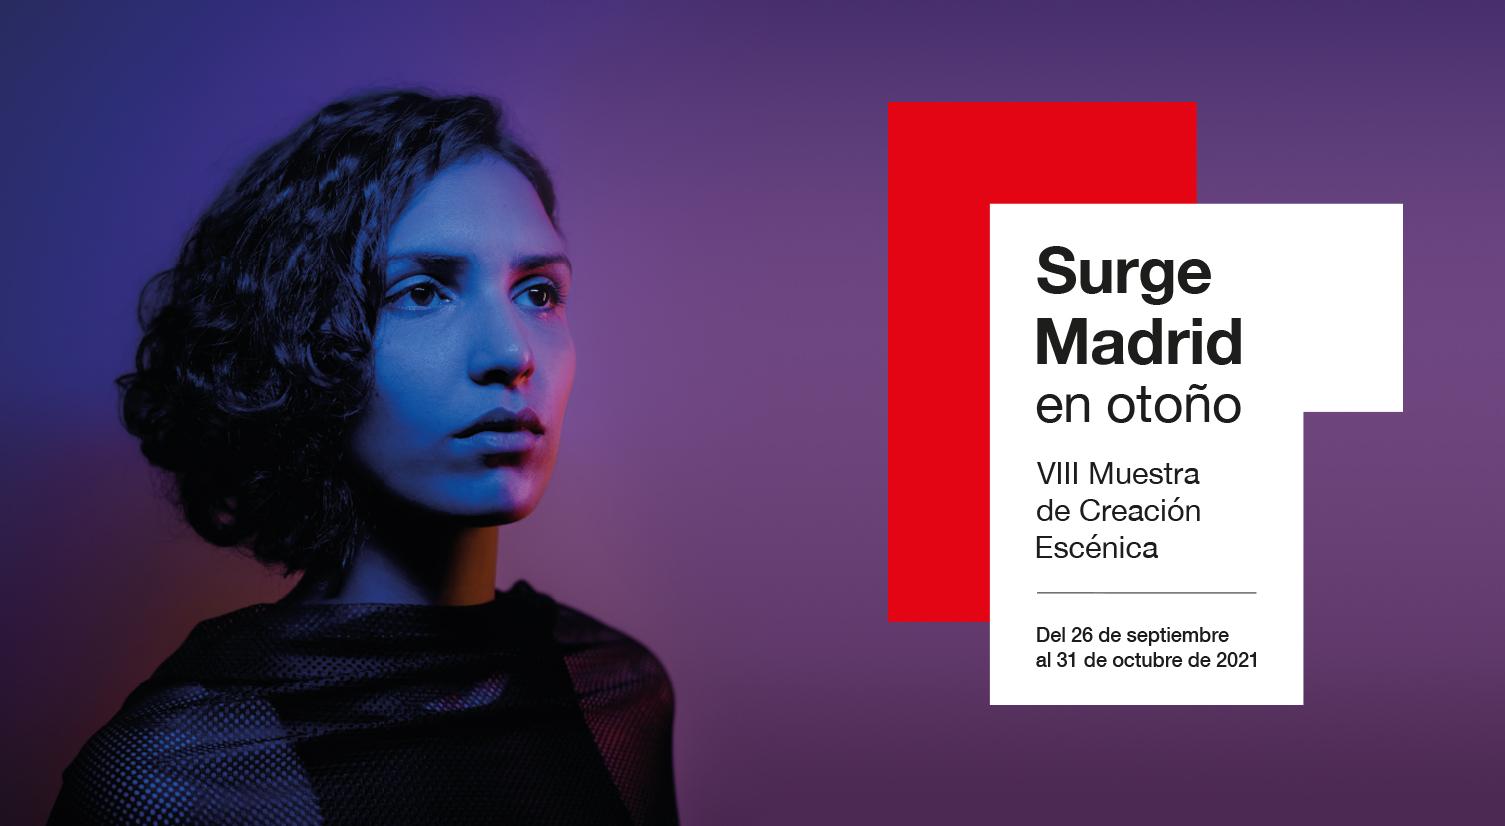 Surge Madrid madrid.org